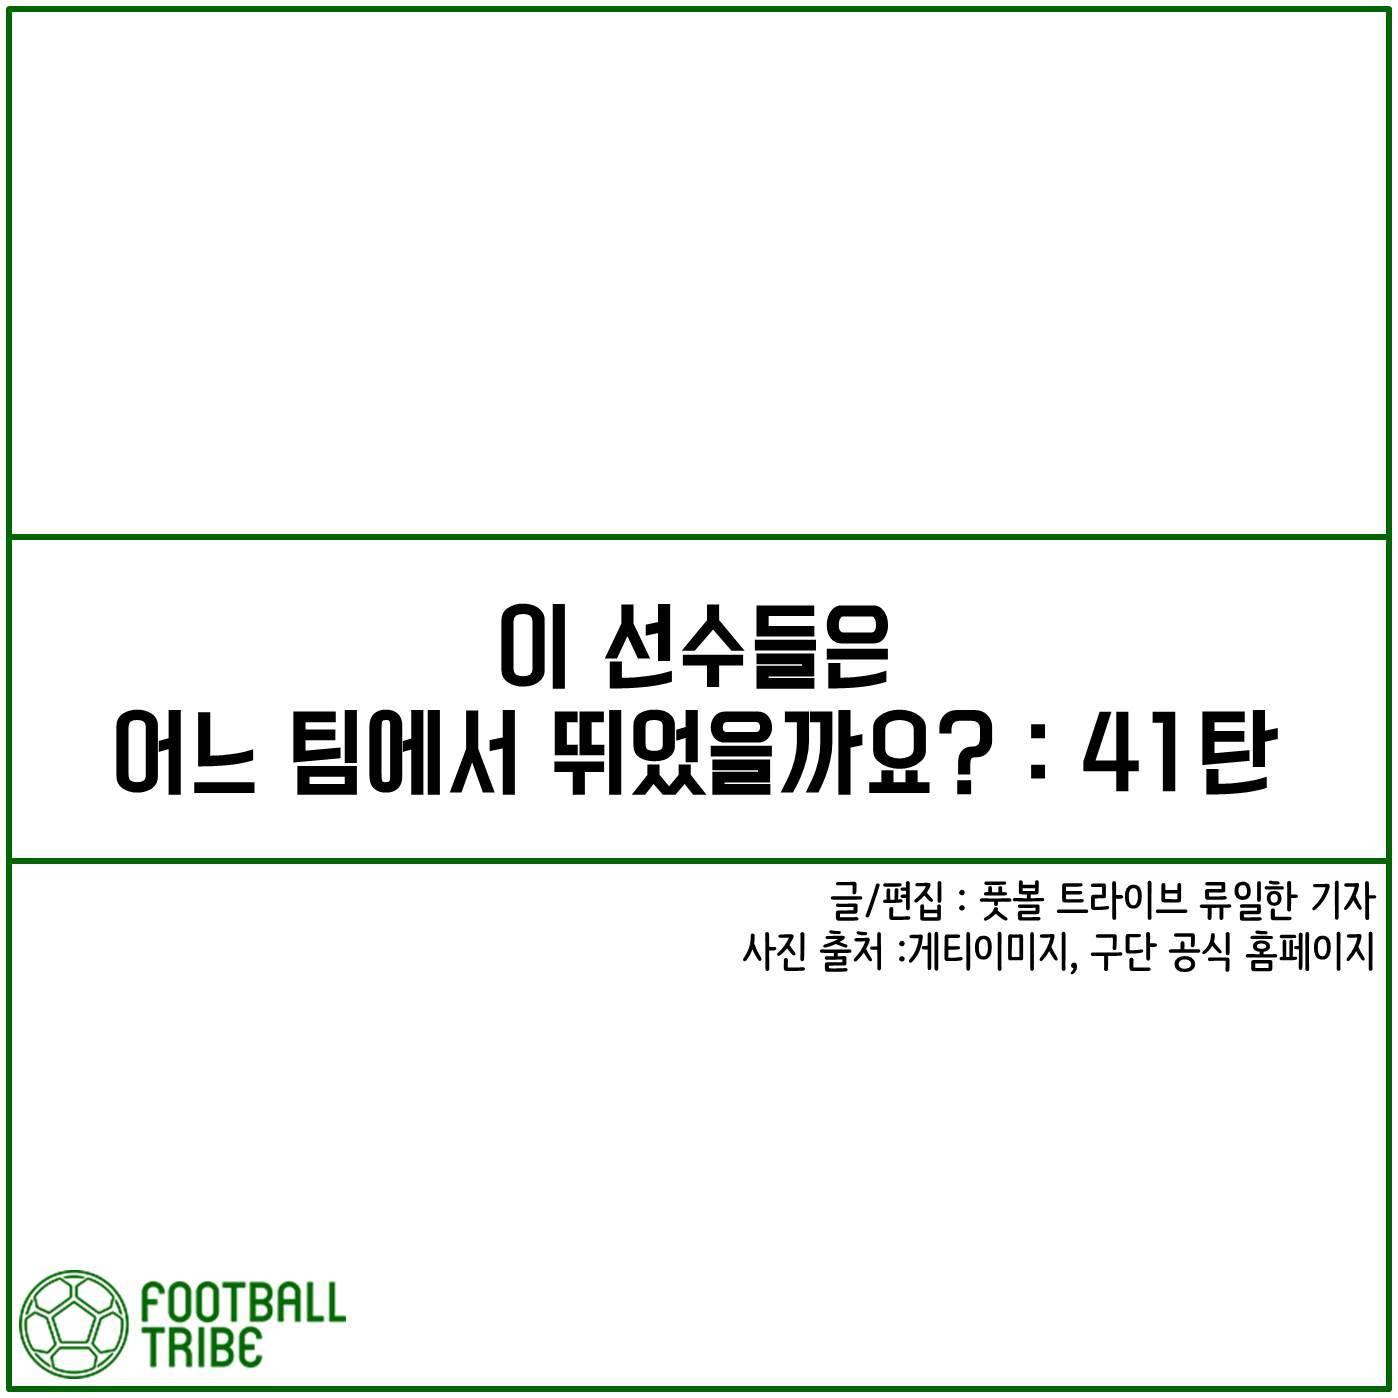 [카드 뉴스] 이 선수들은 어느 팀에서 뛰었을까요?: 41탄